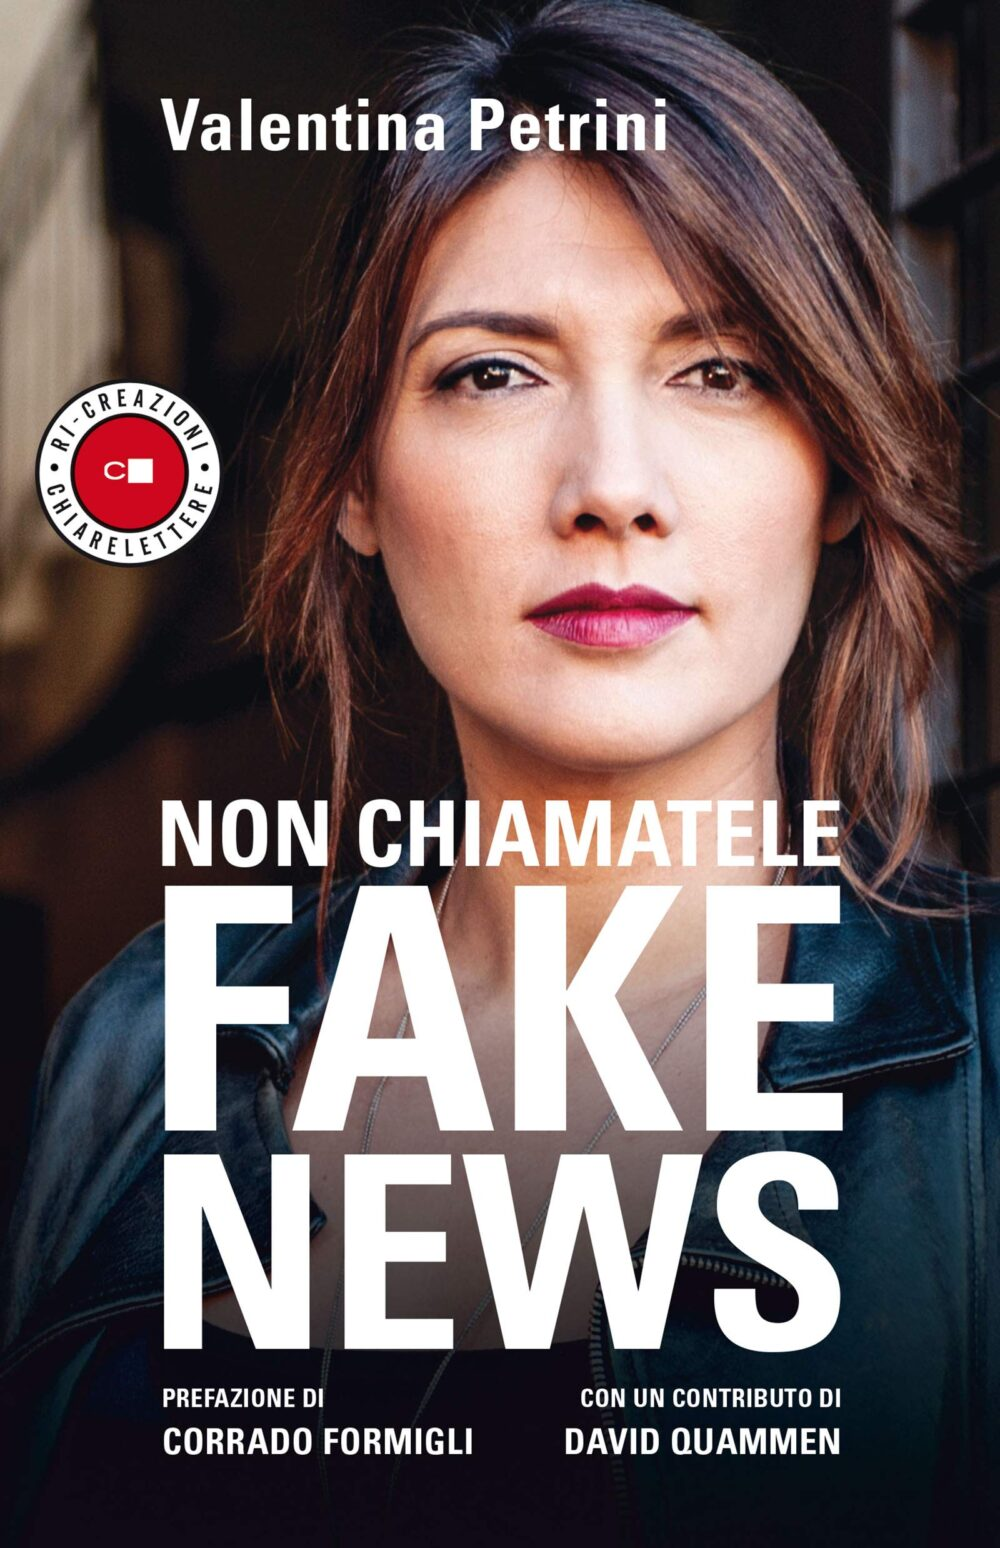 Recensione di Non Chiamatele Fake News – Valentina Petrini